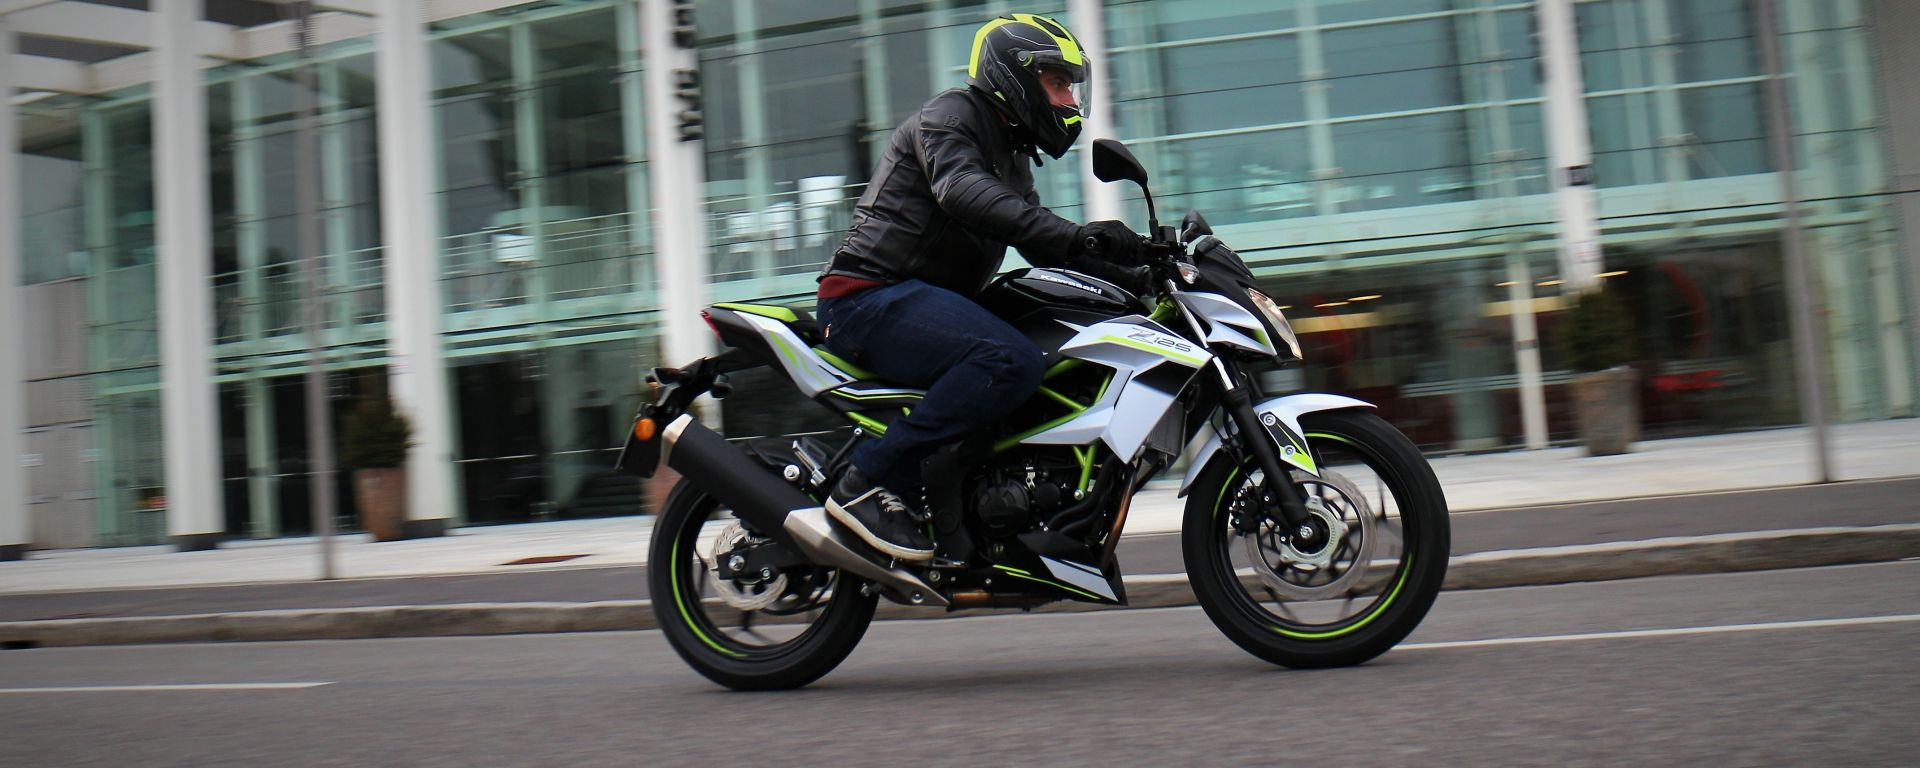 Kawasaki Z125 2019: la prova su strada con la piccola naked